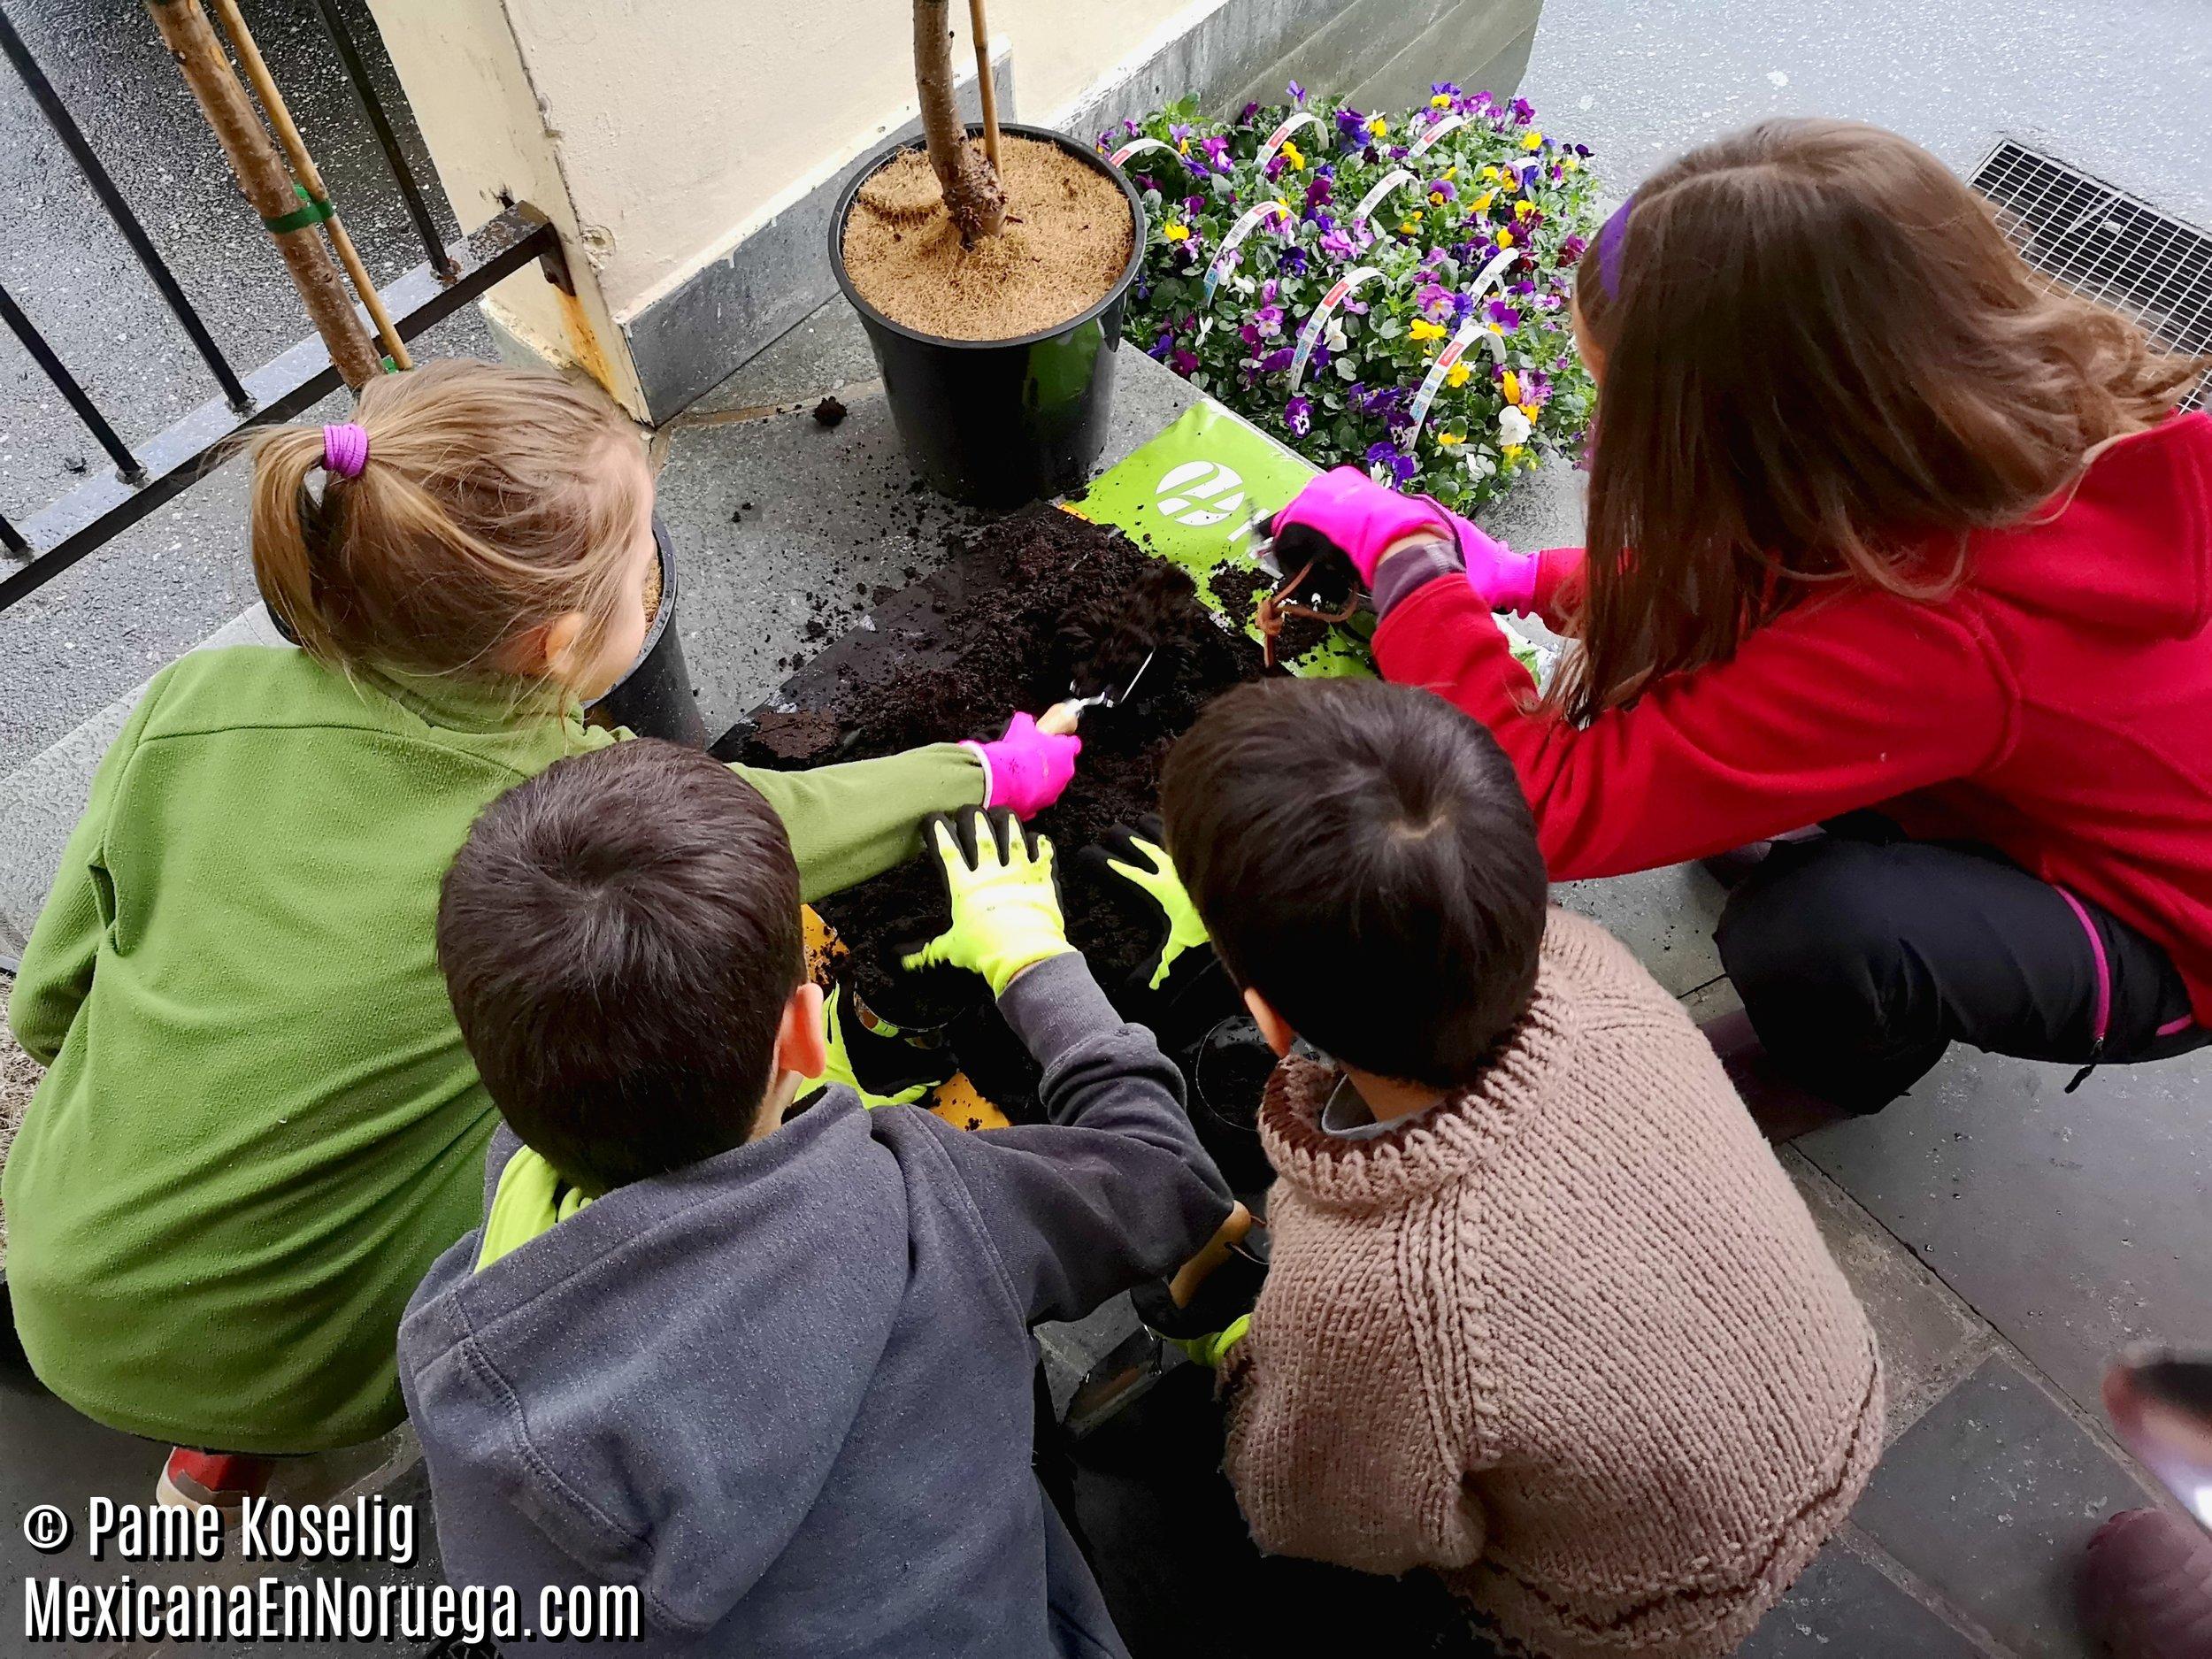 2 - Niños con la tierra _ Pame Koselig _ Mexicana en Noruega.jpg